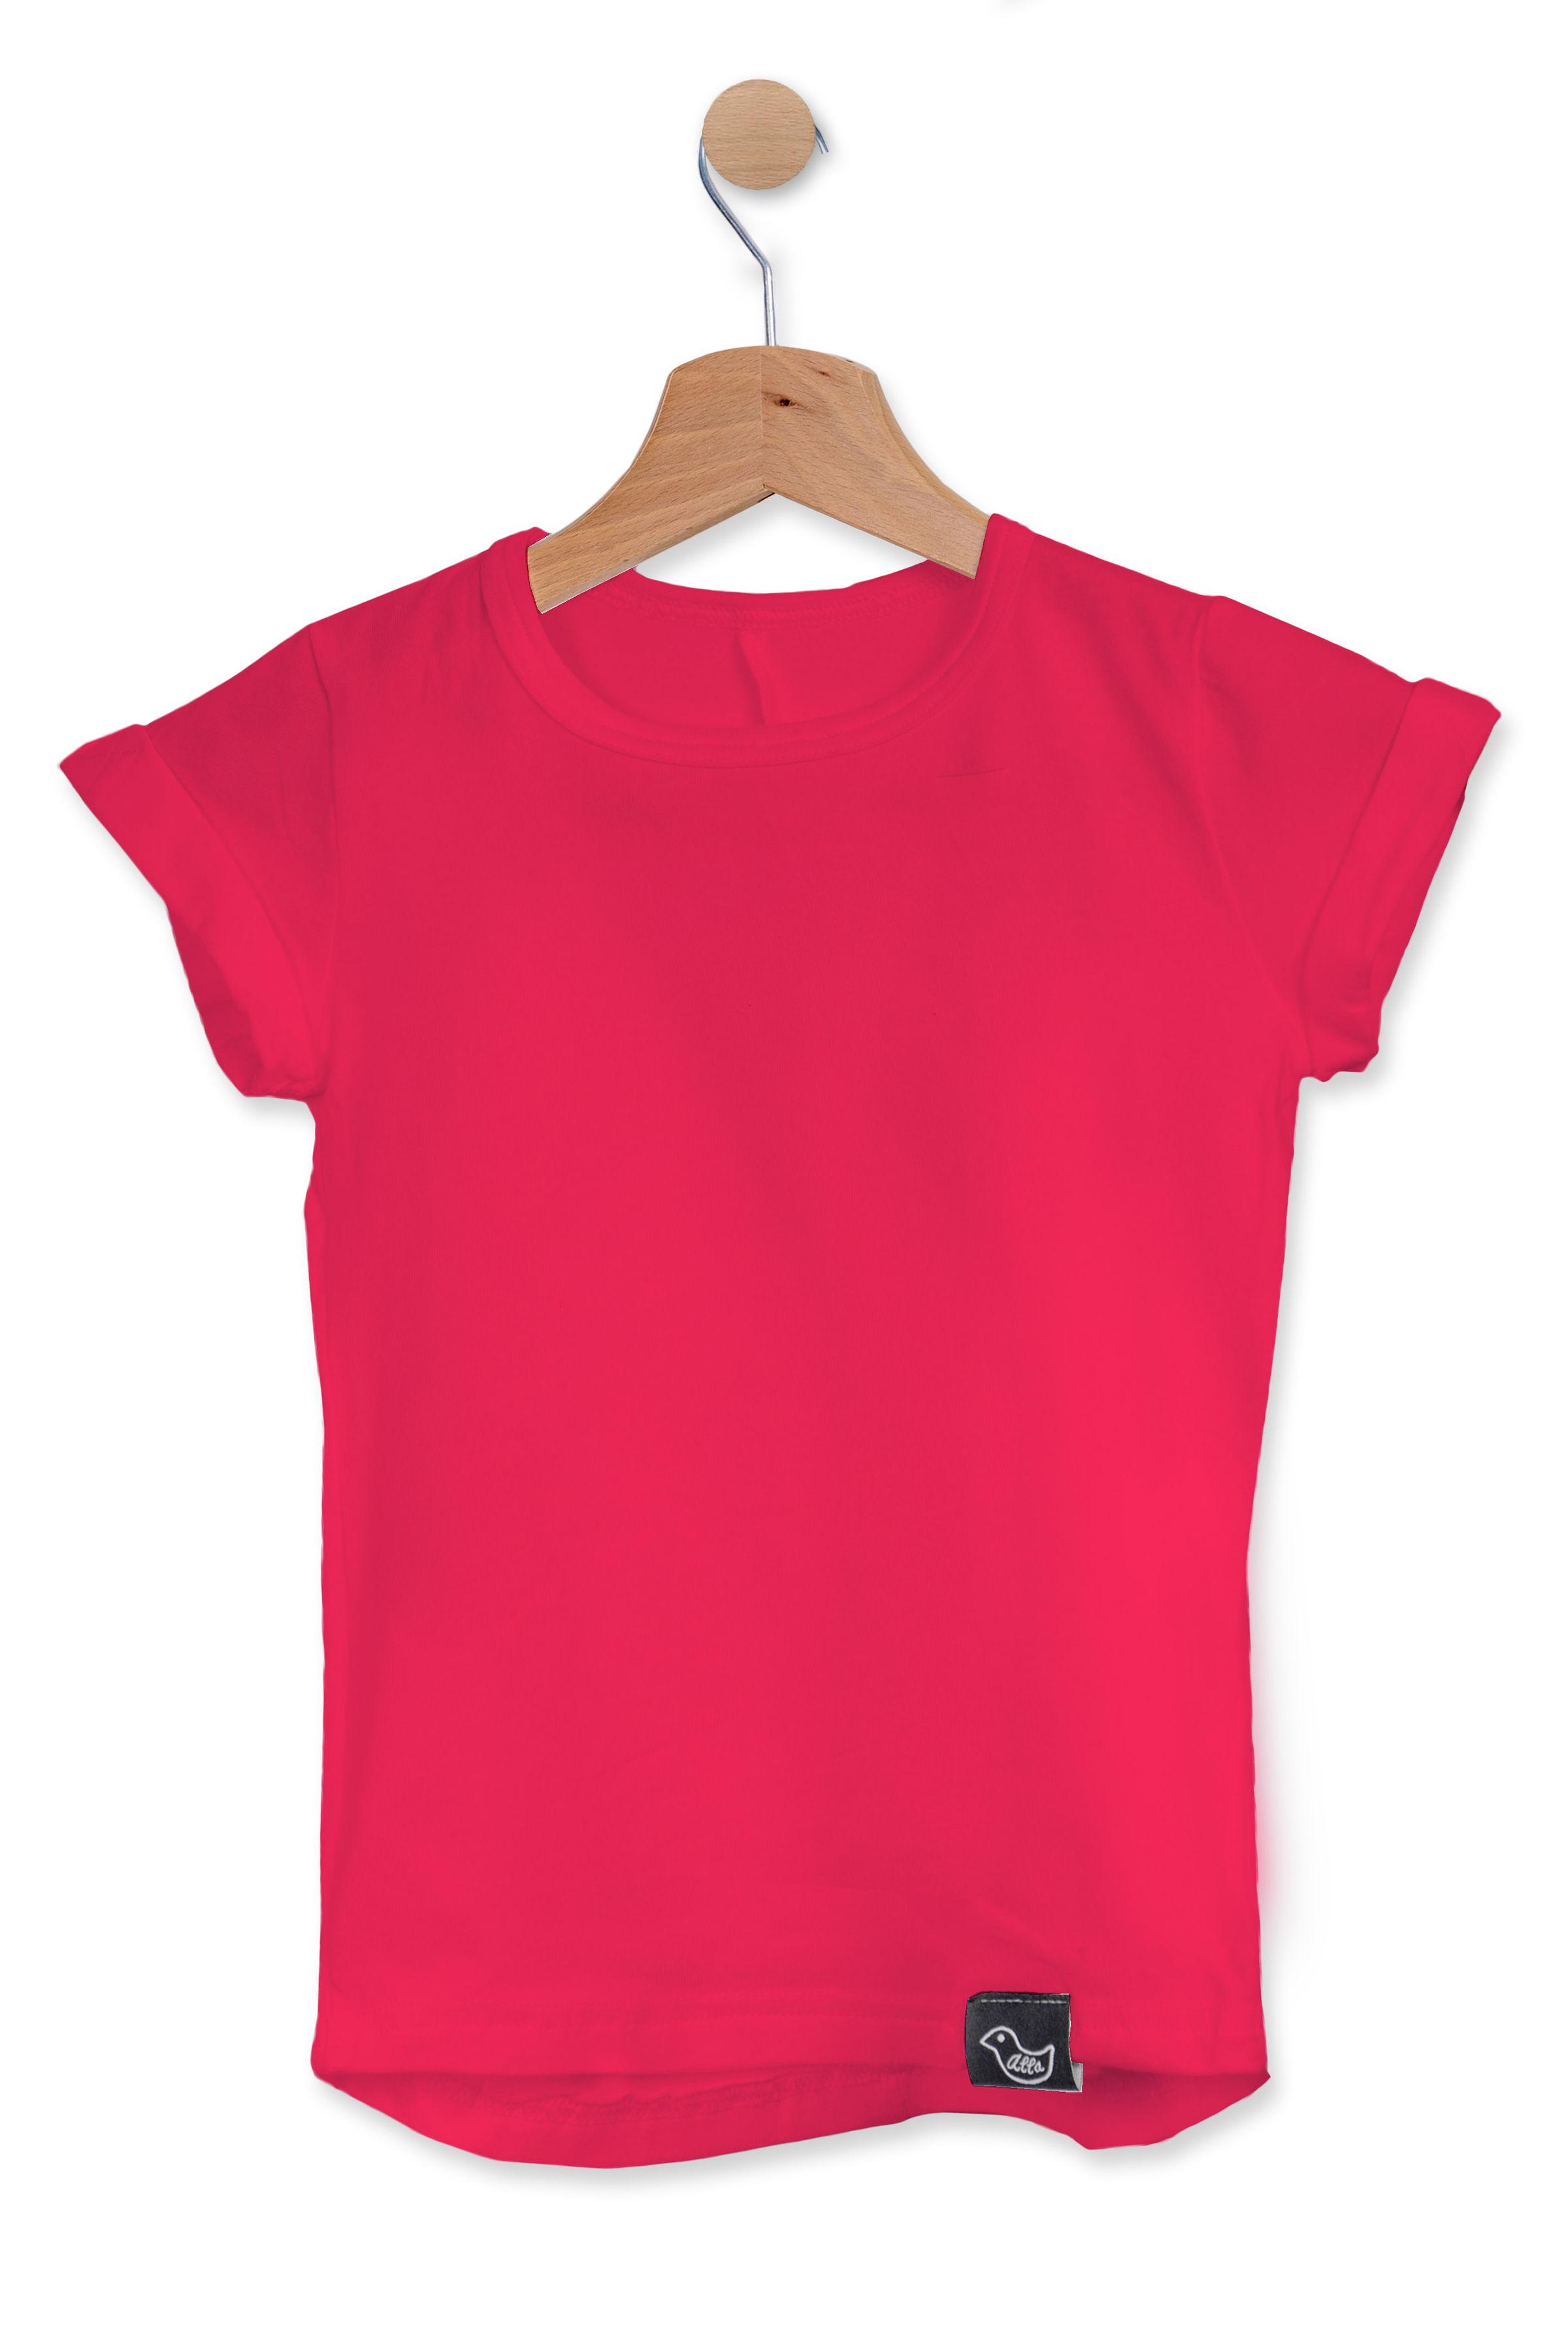 Basic trička na přání